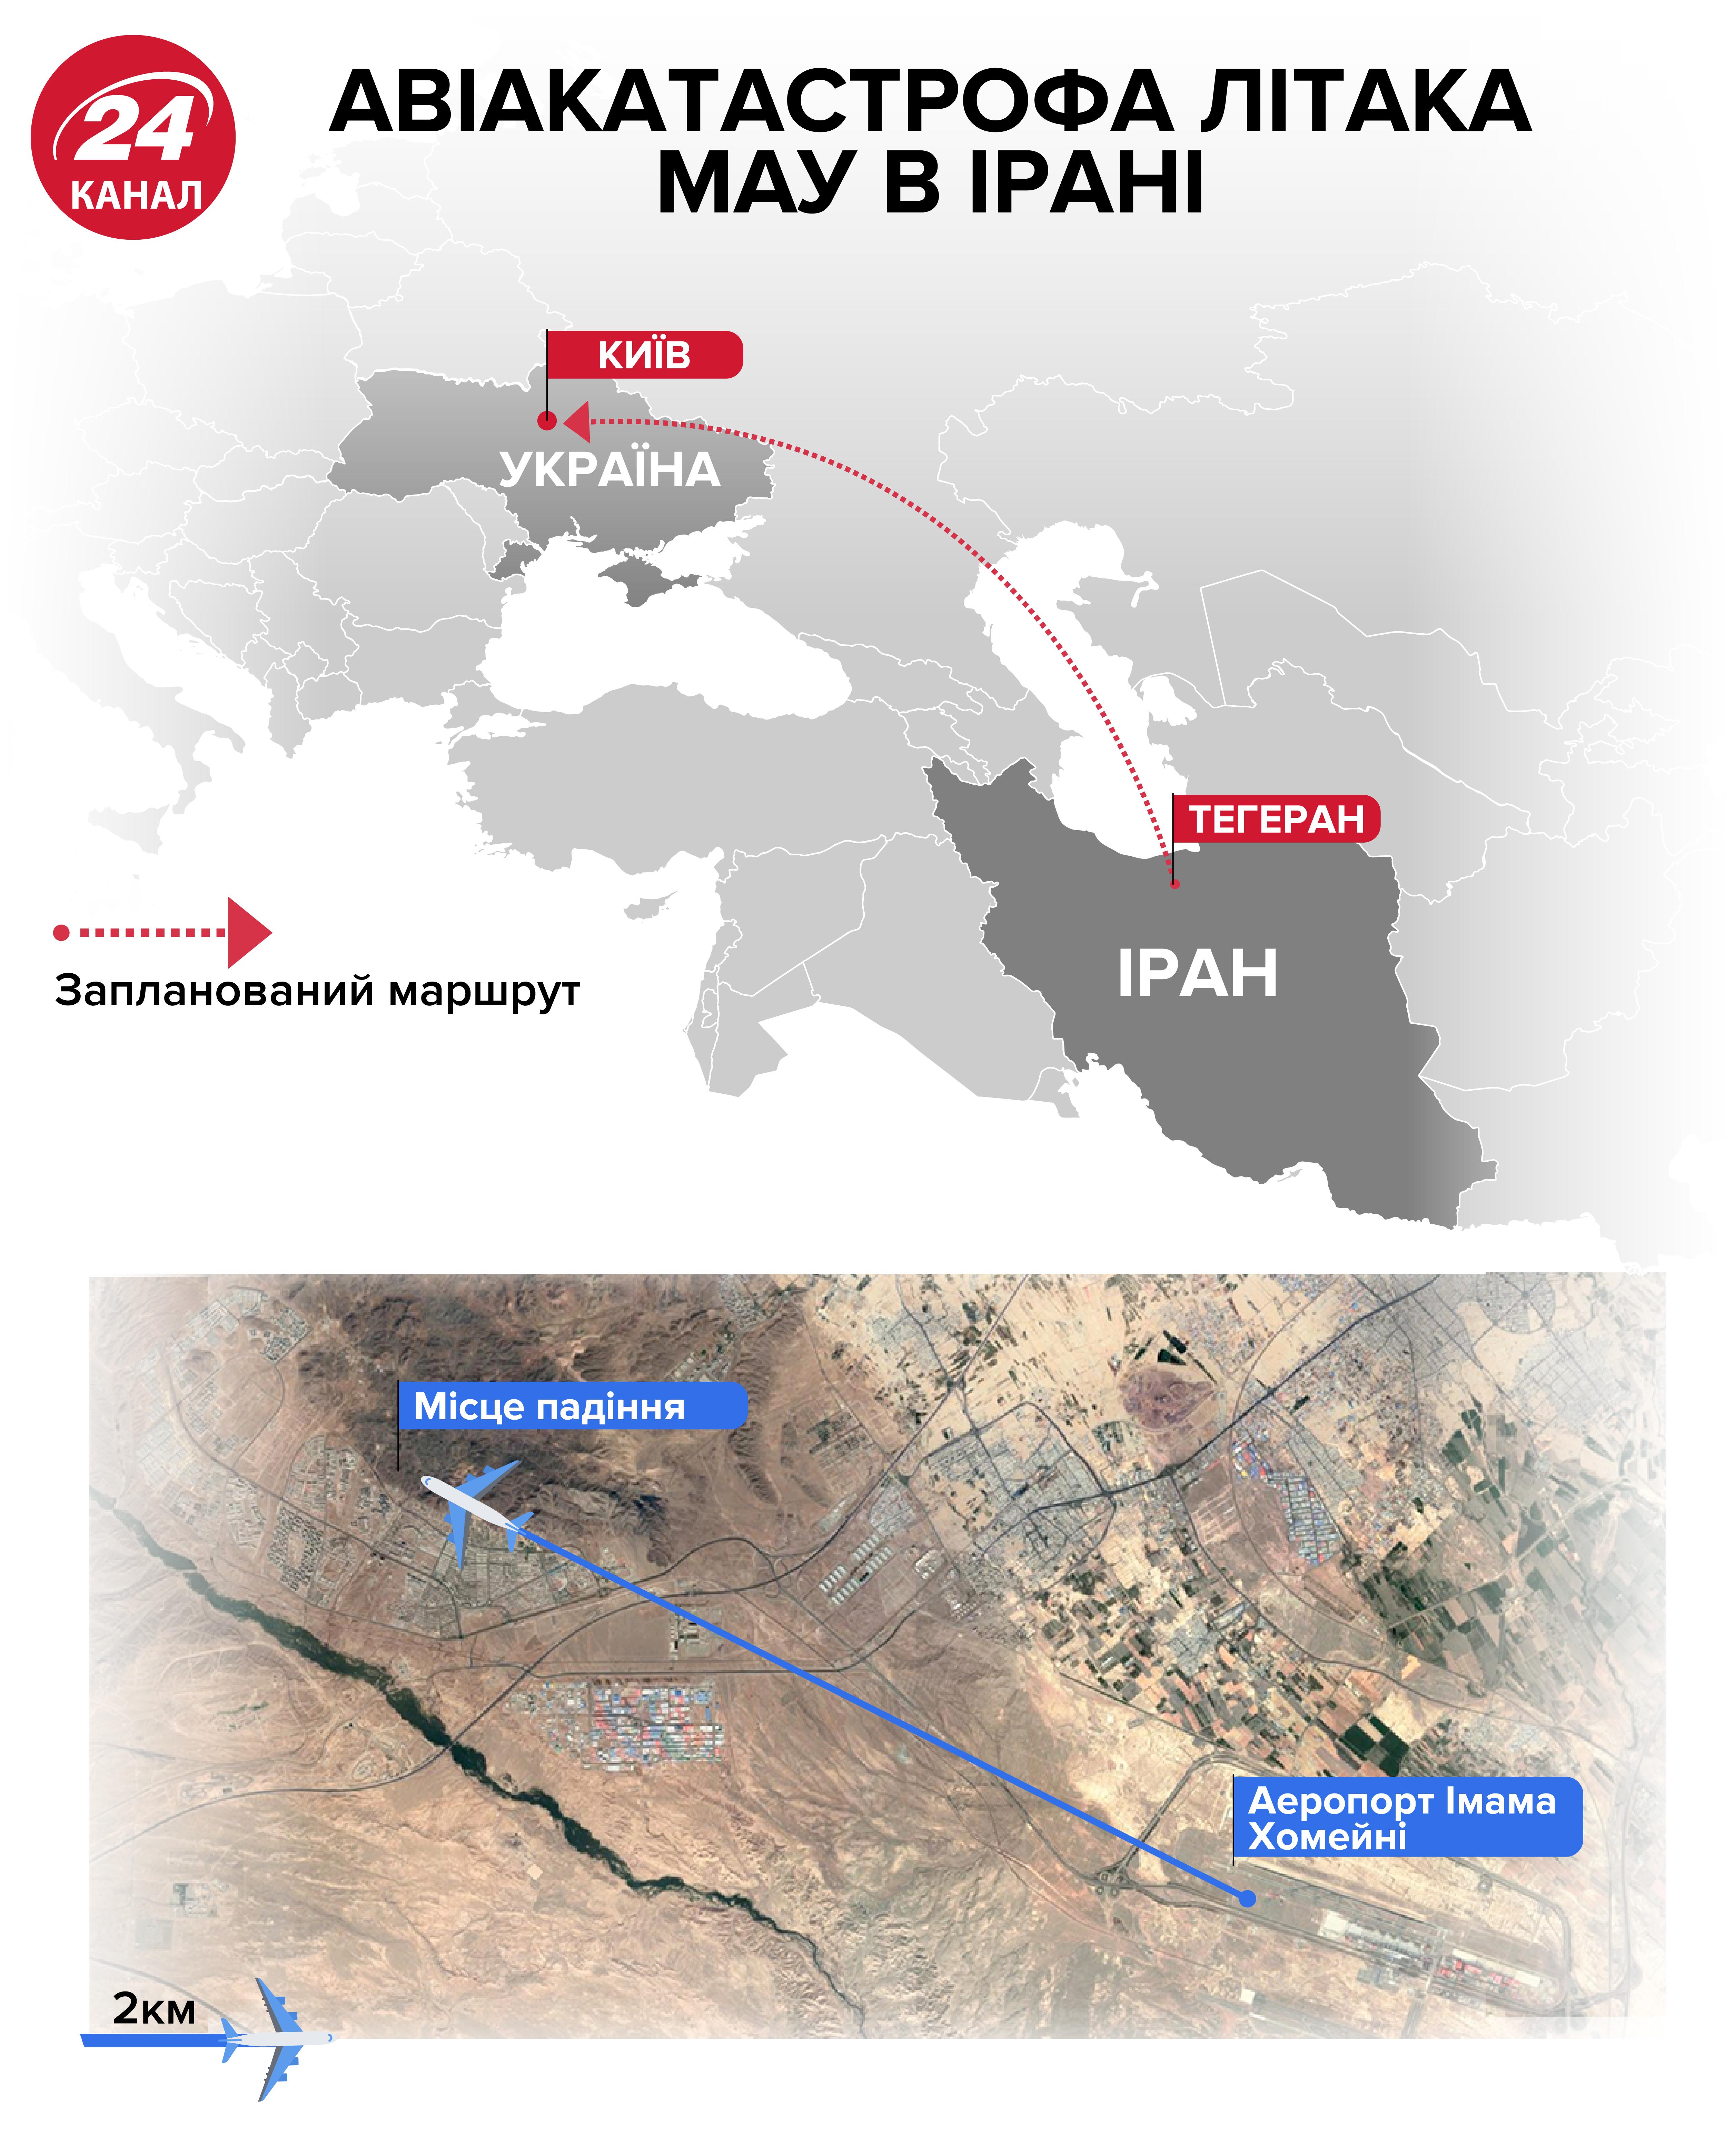 авіакатастрофа літака МАУ в Іран мапа падіння літака